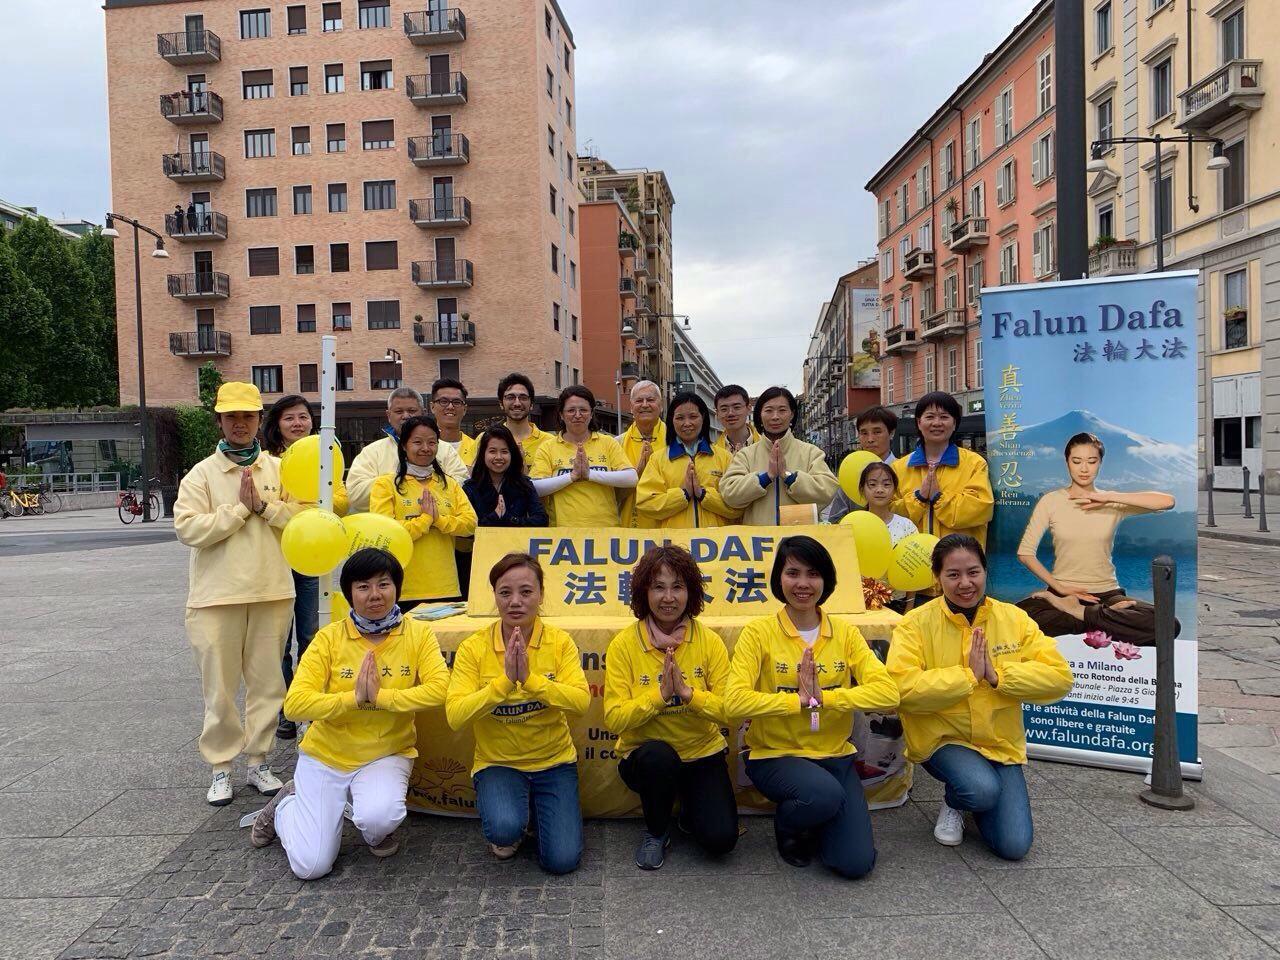 米蘭法輪功學員慶祝世界法輪大法日,感謝師恩。(明慧網)